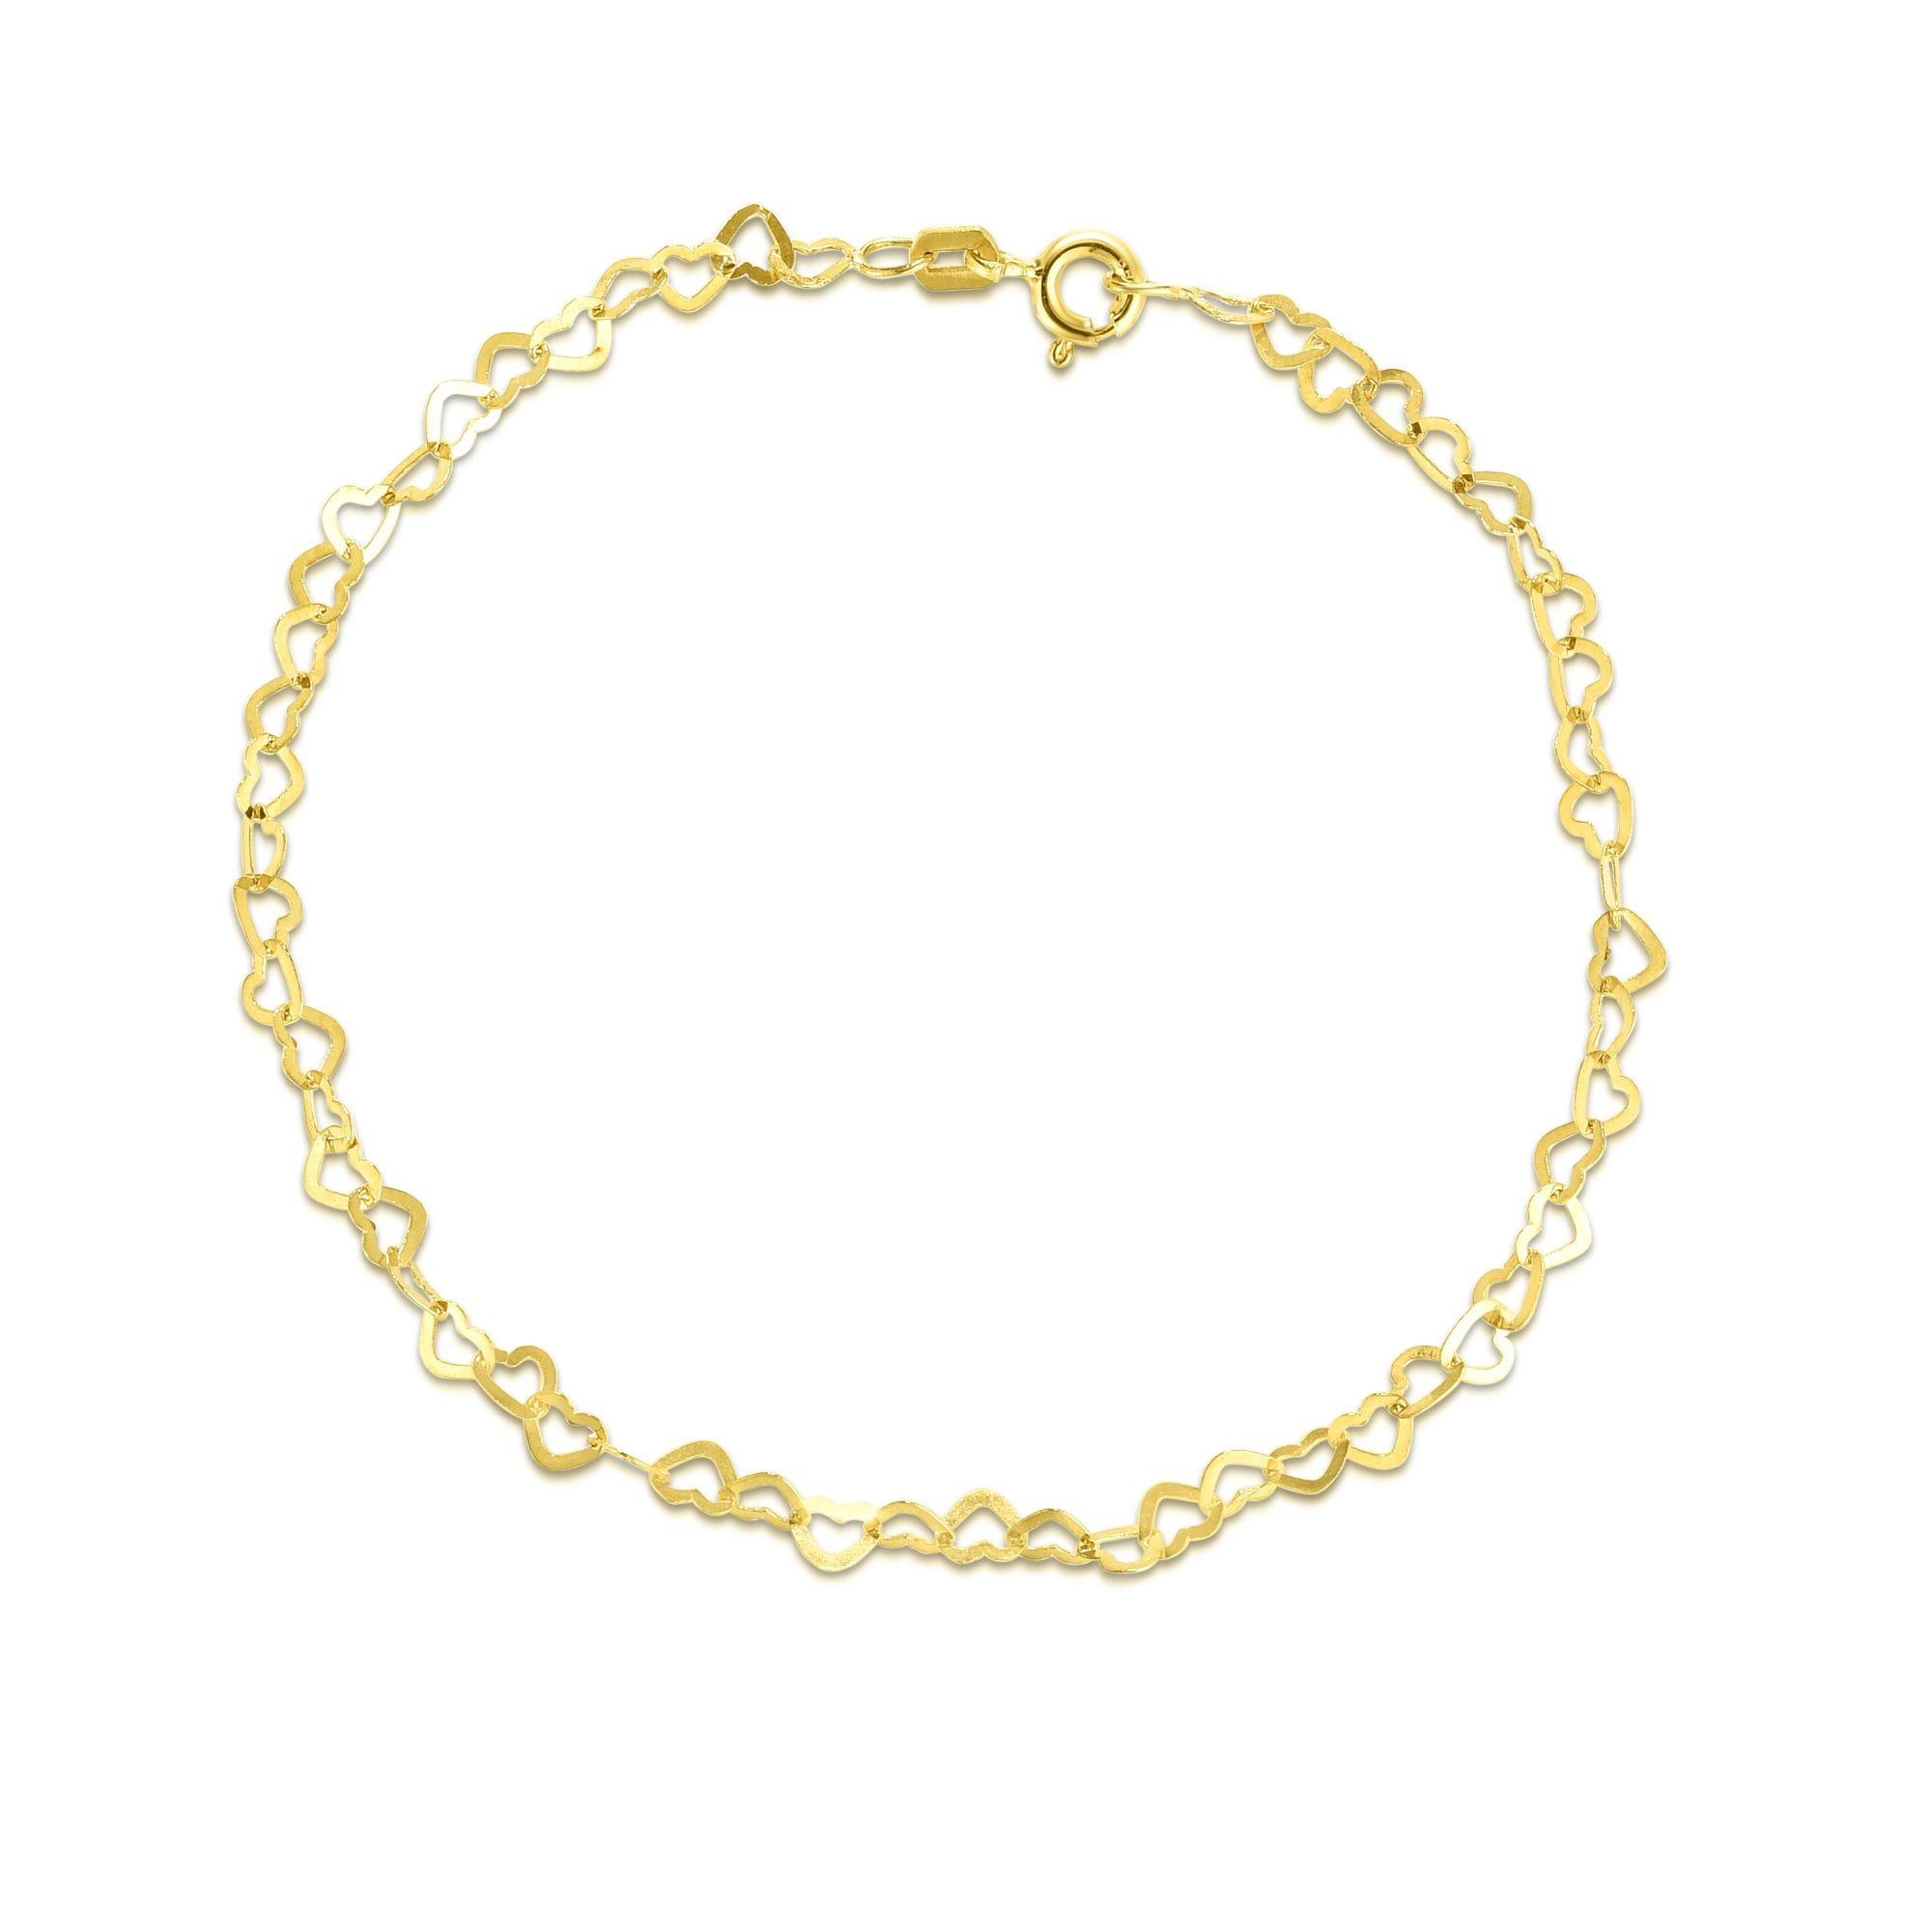 Fancy Multi-Heart Link Fashion Bracelet in 14k Yellow Gold